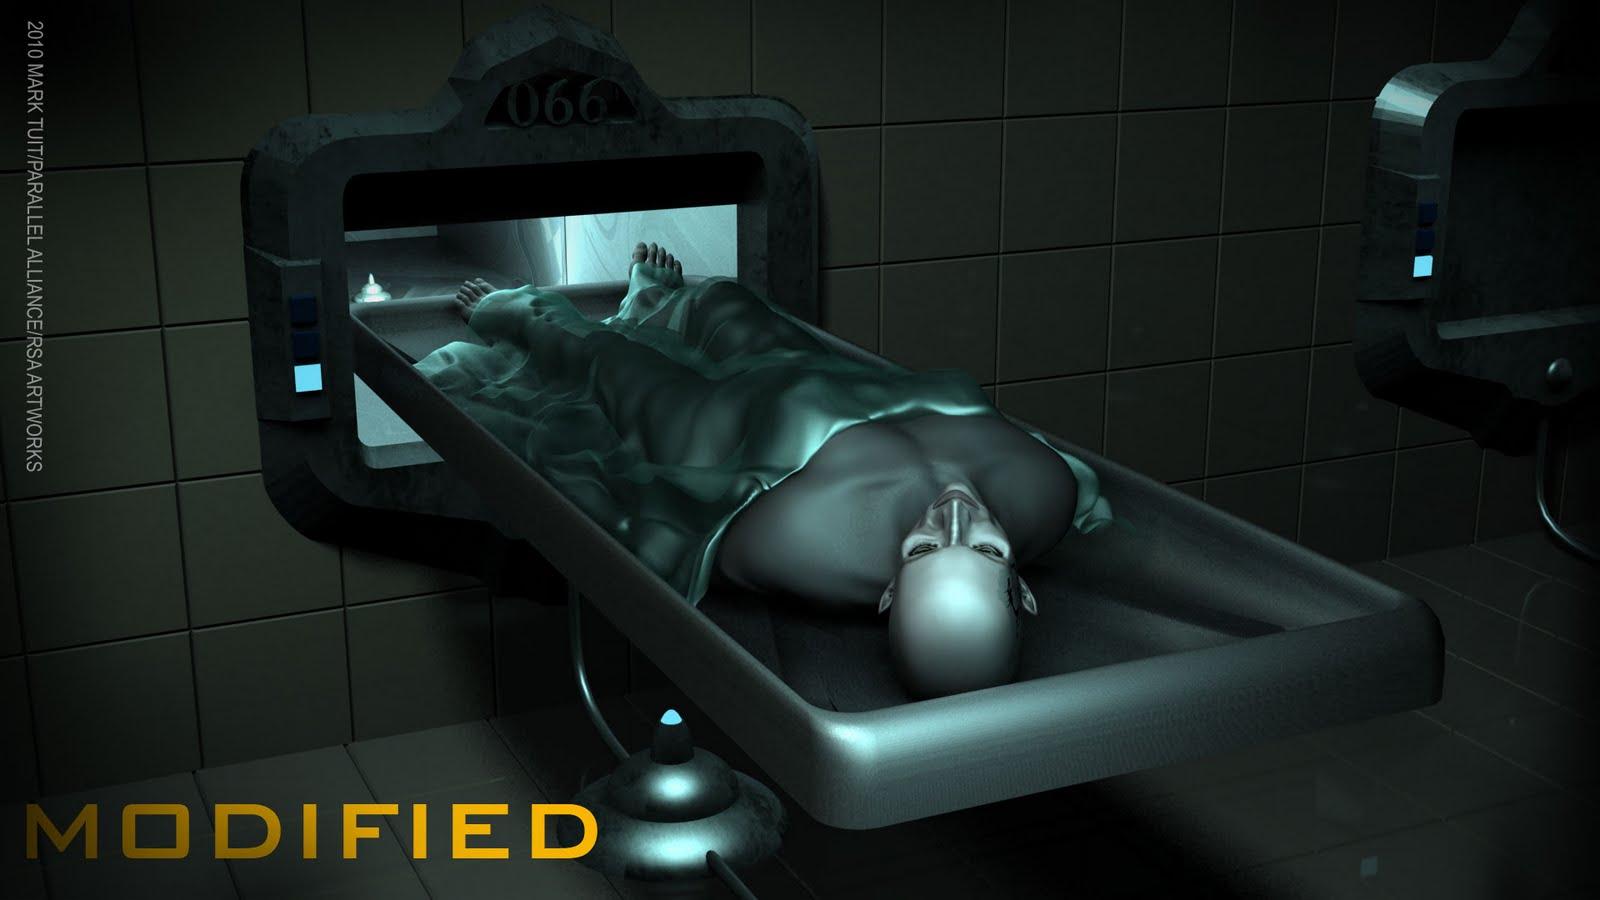 http://1.bp.blogspot.com/_Q0CIO5I4fZw/THfi5l6BCyI/AAAAAAAAAKM/qEUB8q28-wk/s1600/10-0813-WALLPAPER-MORTIS.jpg